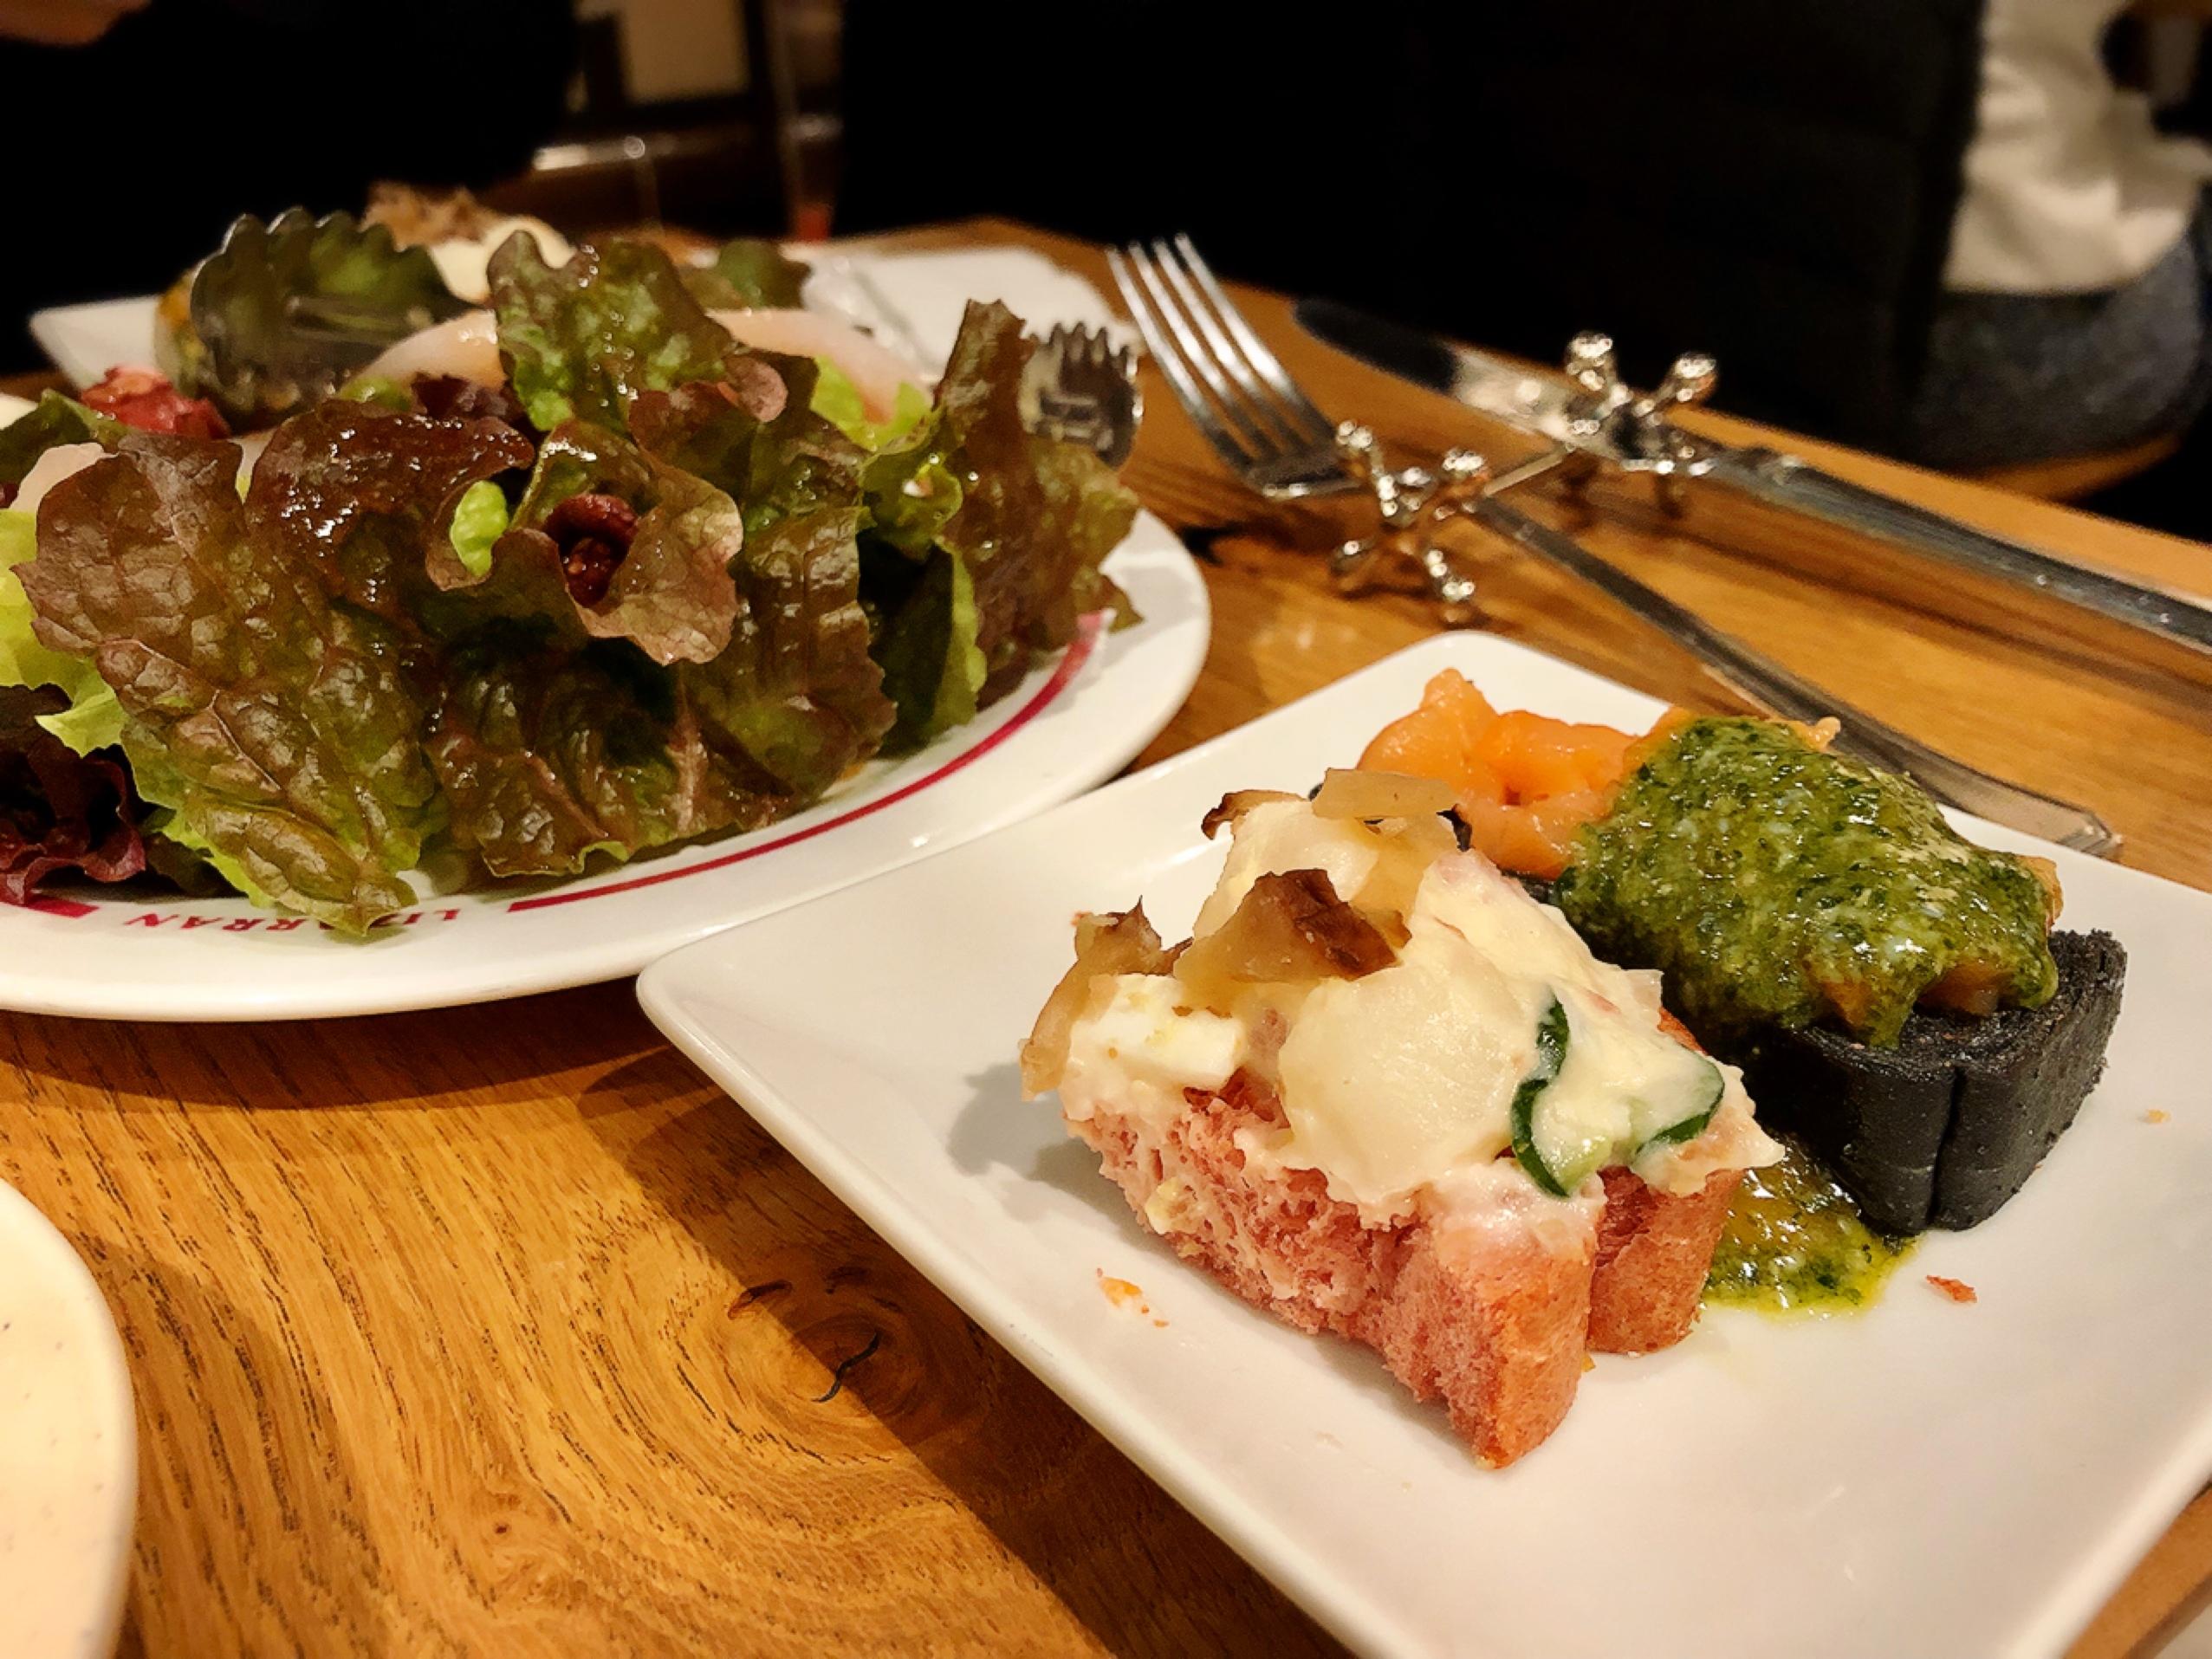 スペイン料理タパスとピンチョスって?東京でも食べられるおすすめのお店_1_2-1